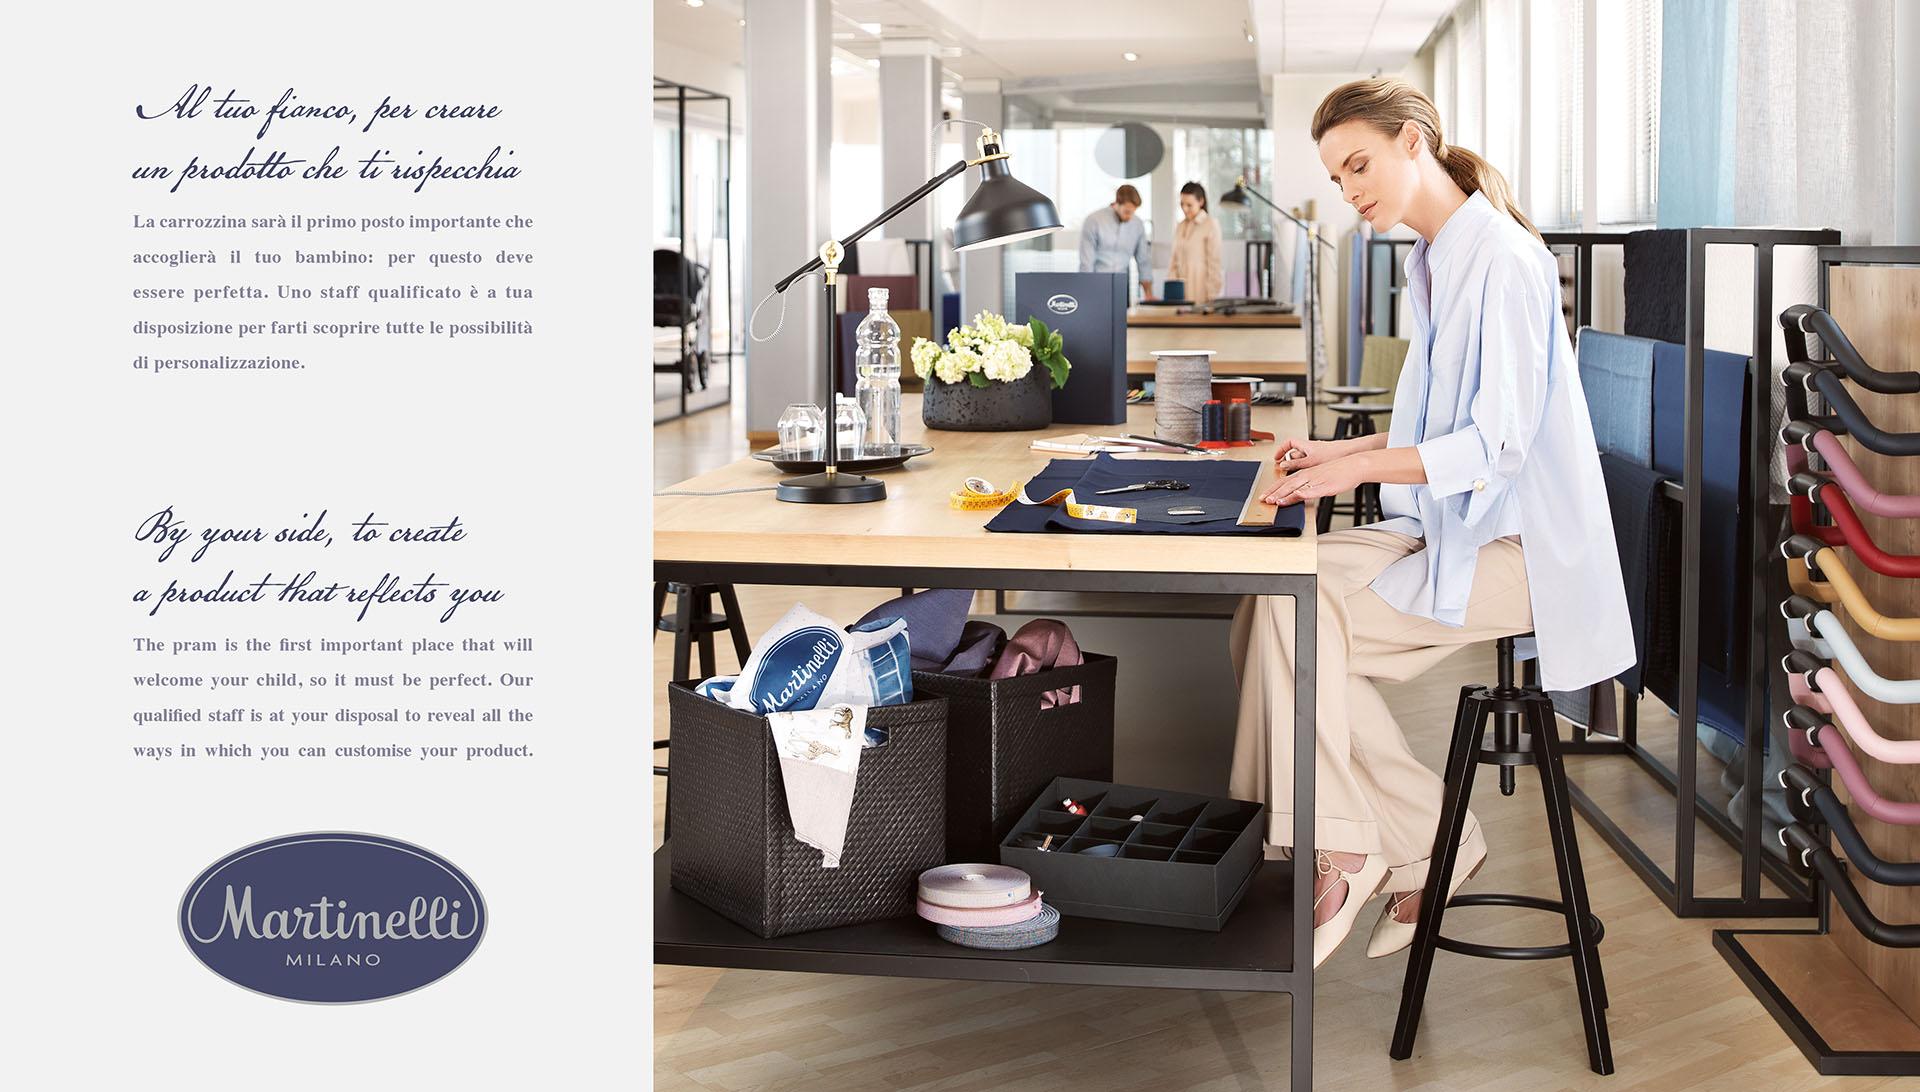 Campagna Adv per Martinelli Peg Perego - MC Studios - Fashion E-commerce